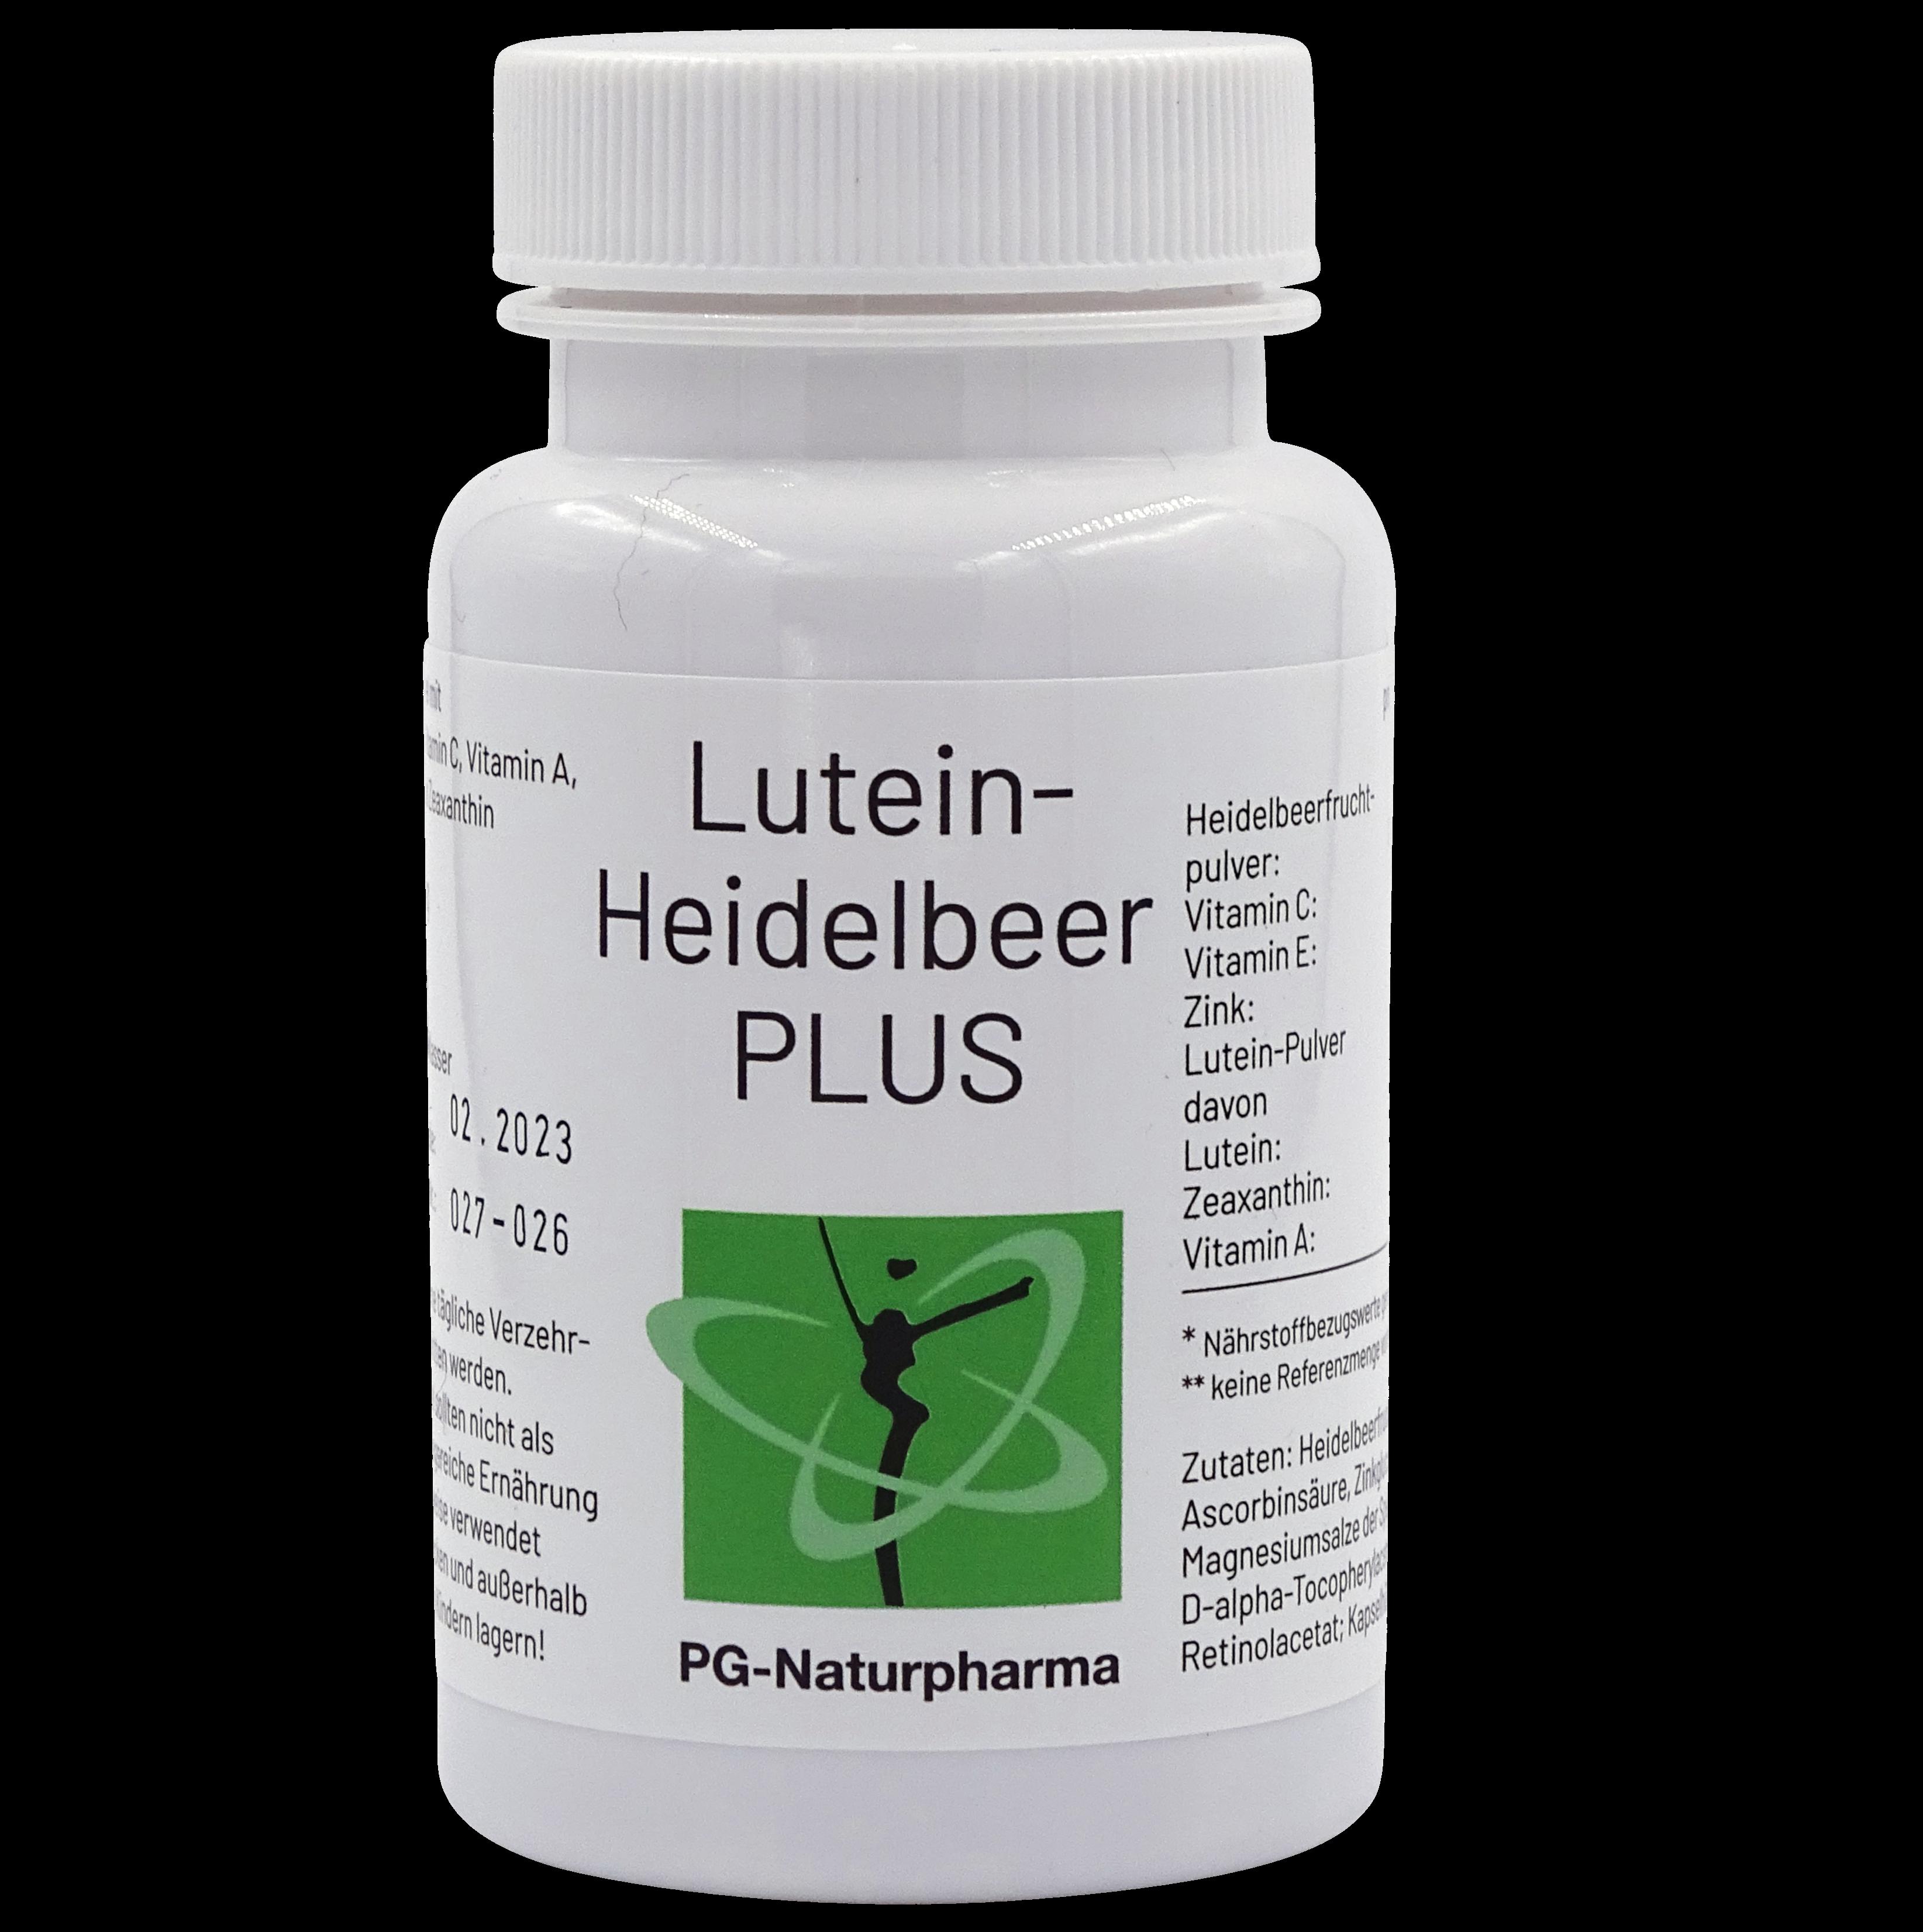 Lutein-Heidelbeer PLUS mit Vitamin A, C, E, Zink & Zeaxanthin - 90 Kapseln